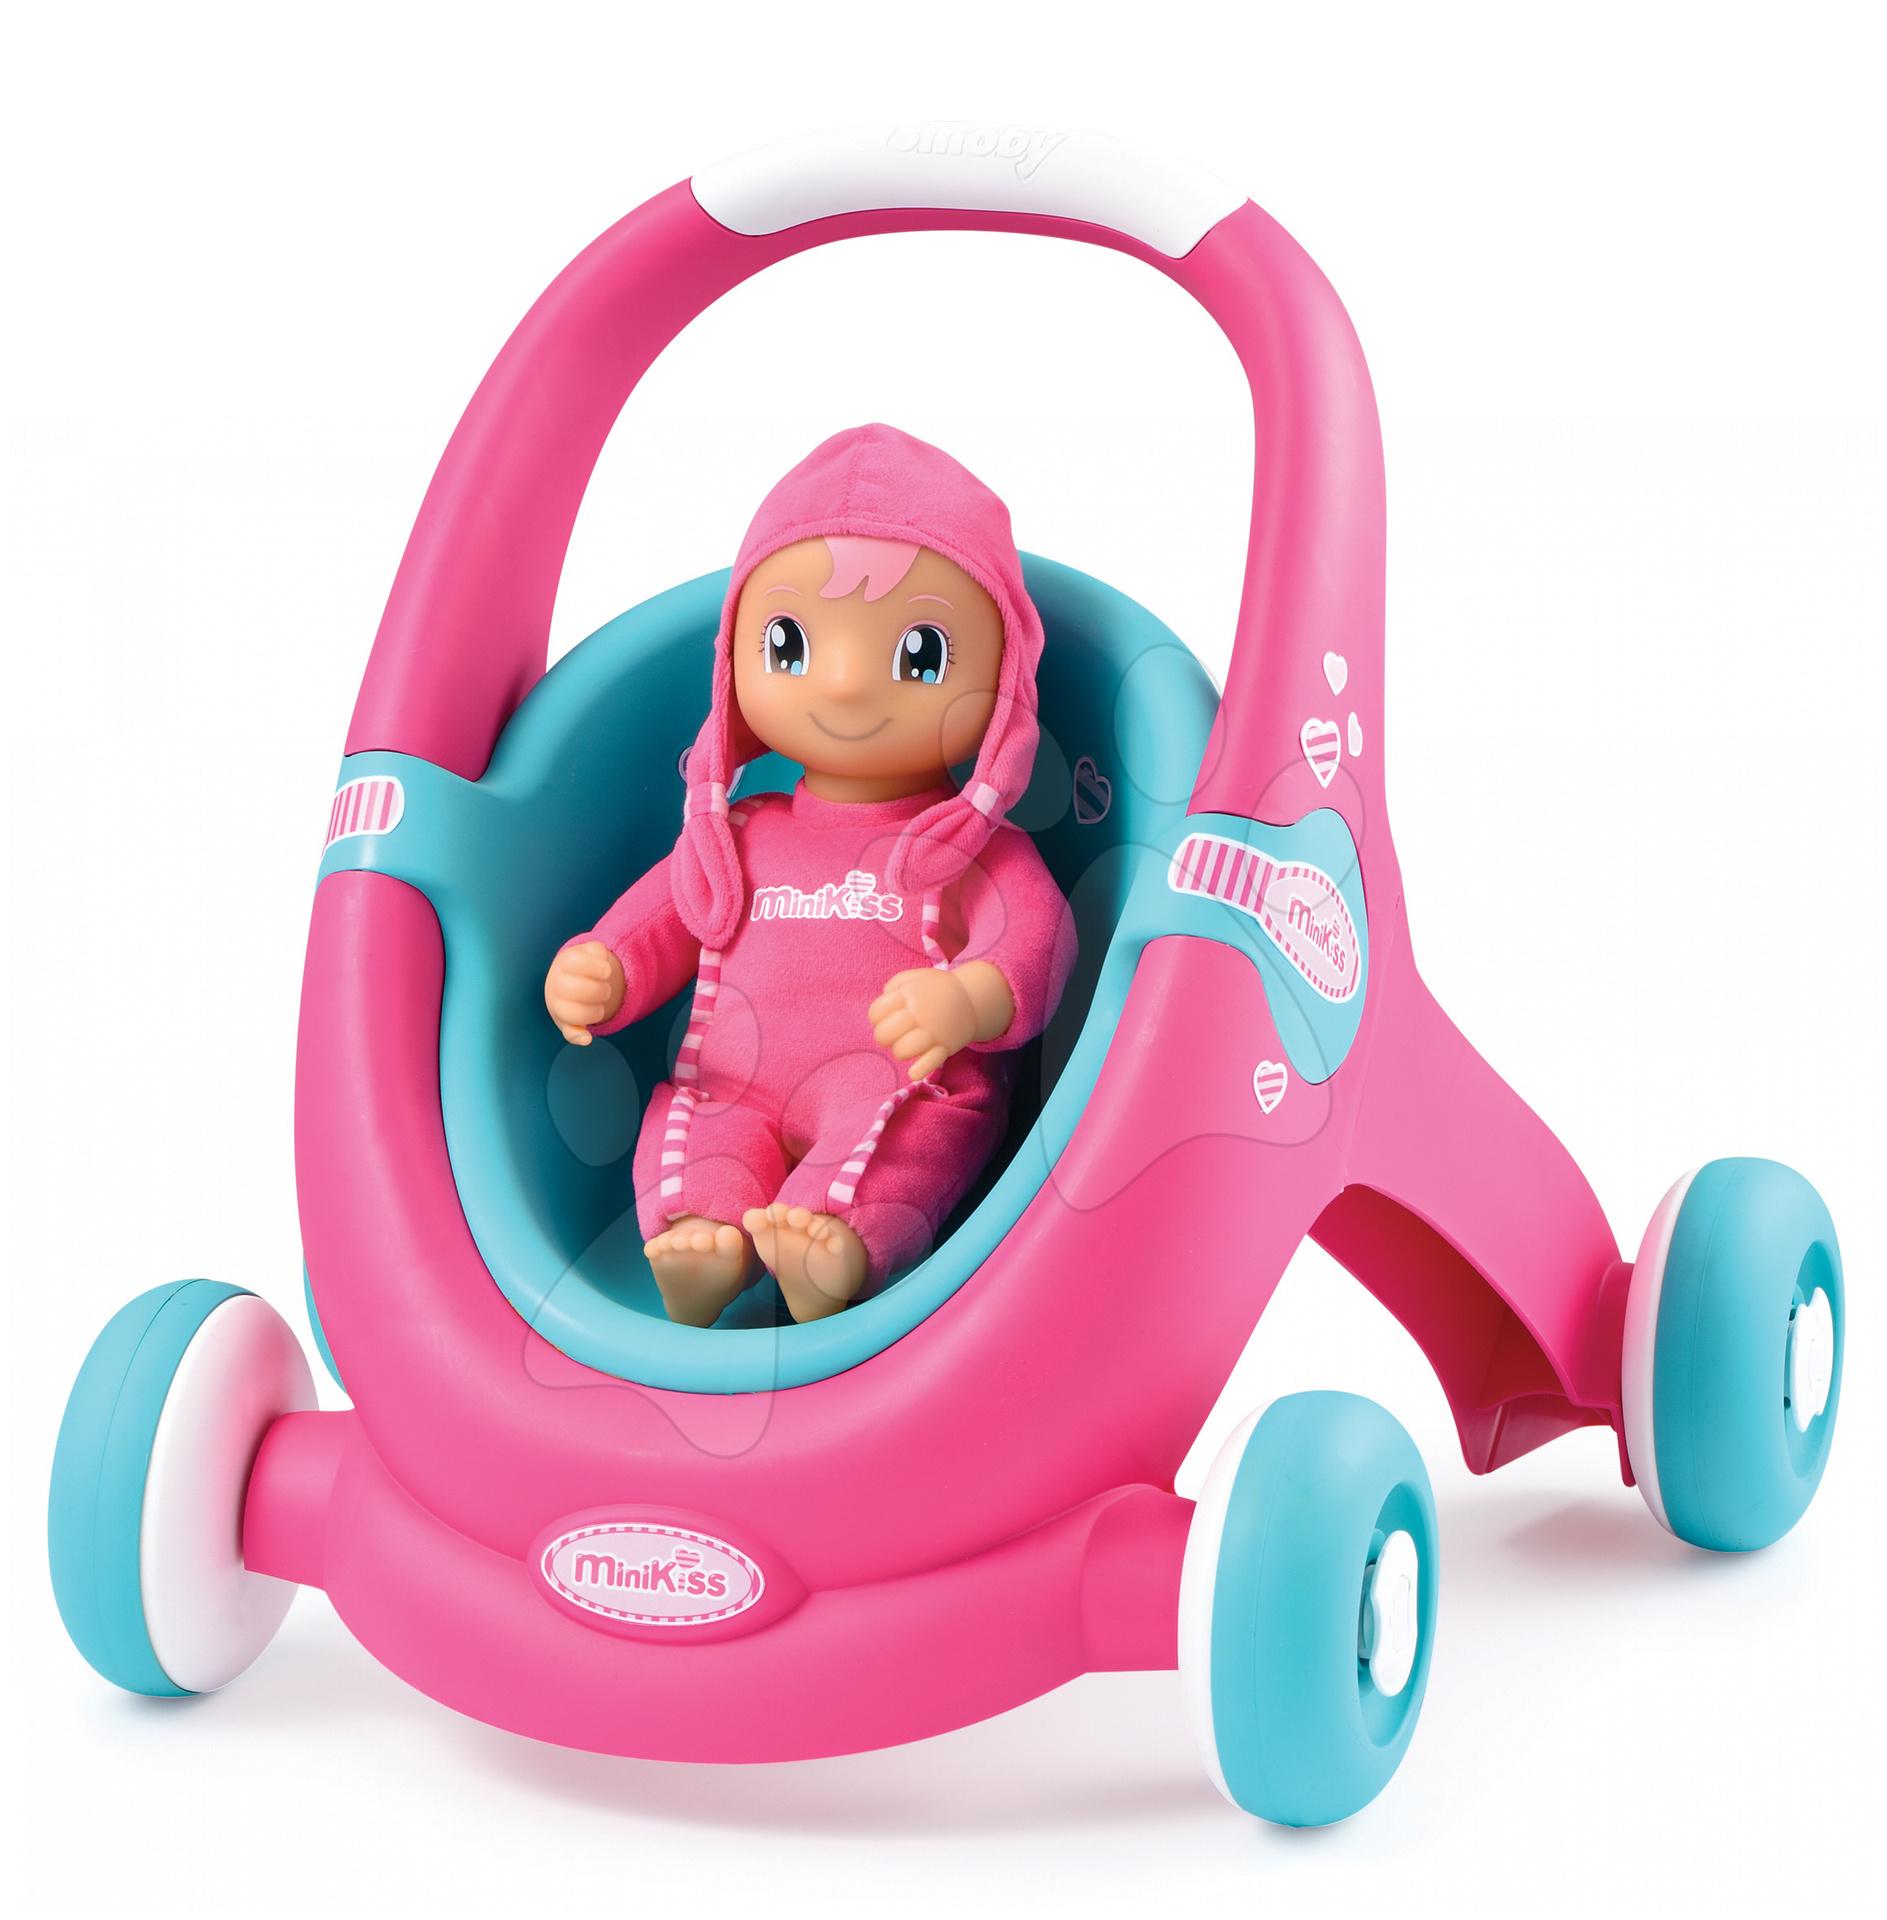 Kočárek pro panenku a chodítko 2v1 MiniKiss Smoby růžovo-tyrkysový od 12 měsíců